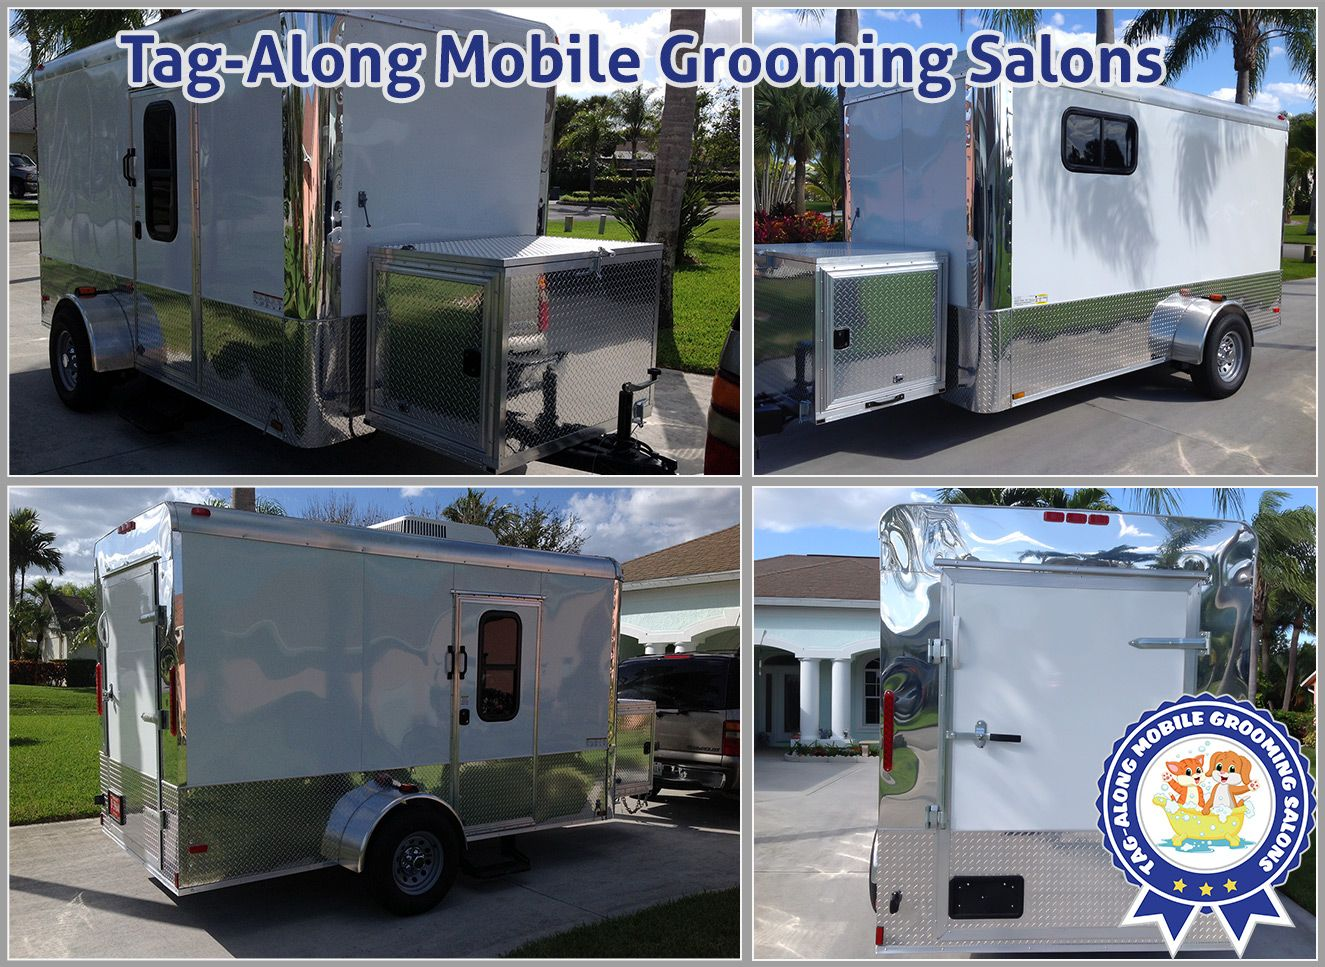 Mobile Pet Grooming Business Pet Grooming Trailers For Sale Mobile Dog Grooming Trailers For Sale Mobile Pet Grooming Pet Grooming Dog Grooming